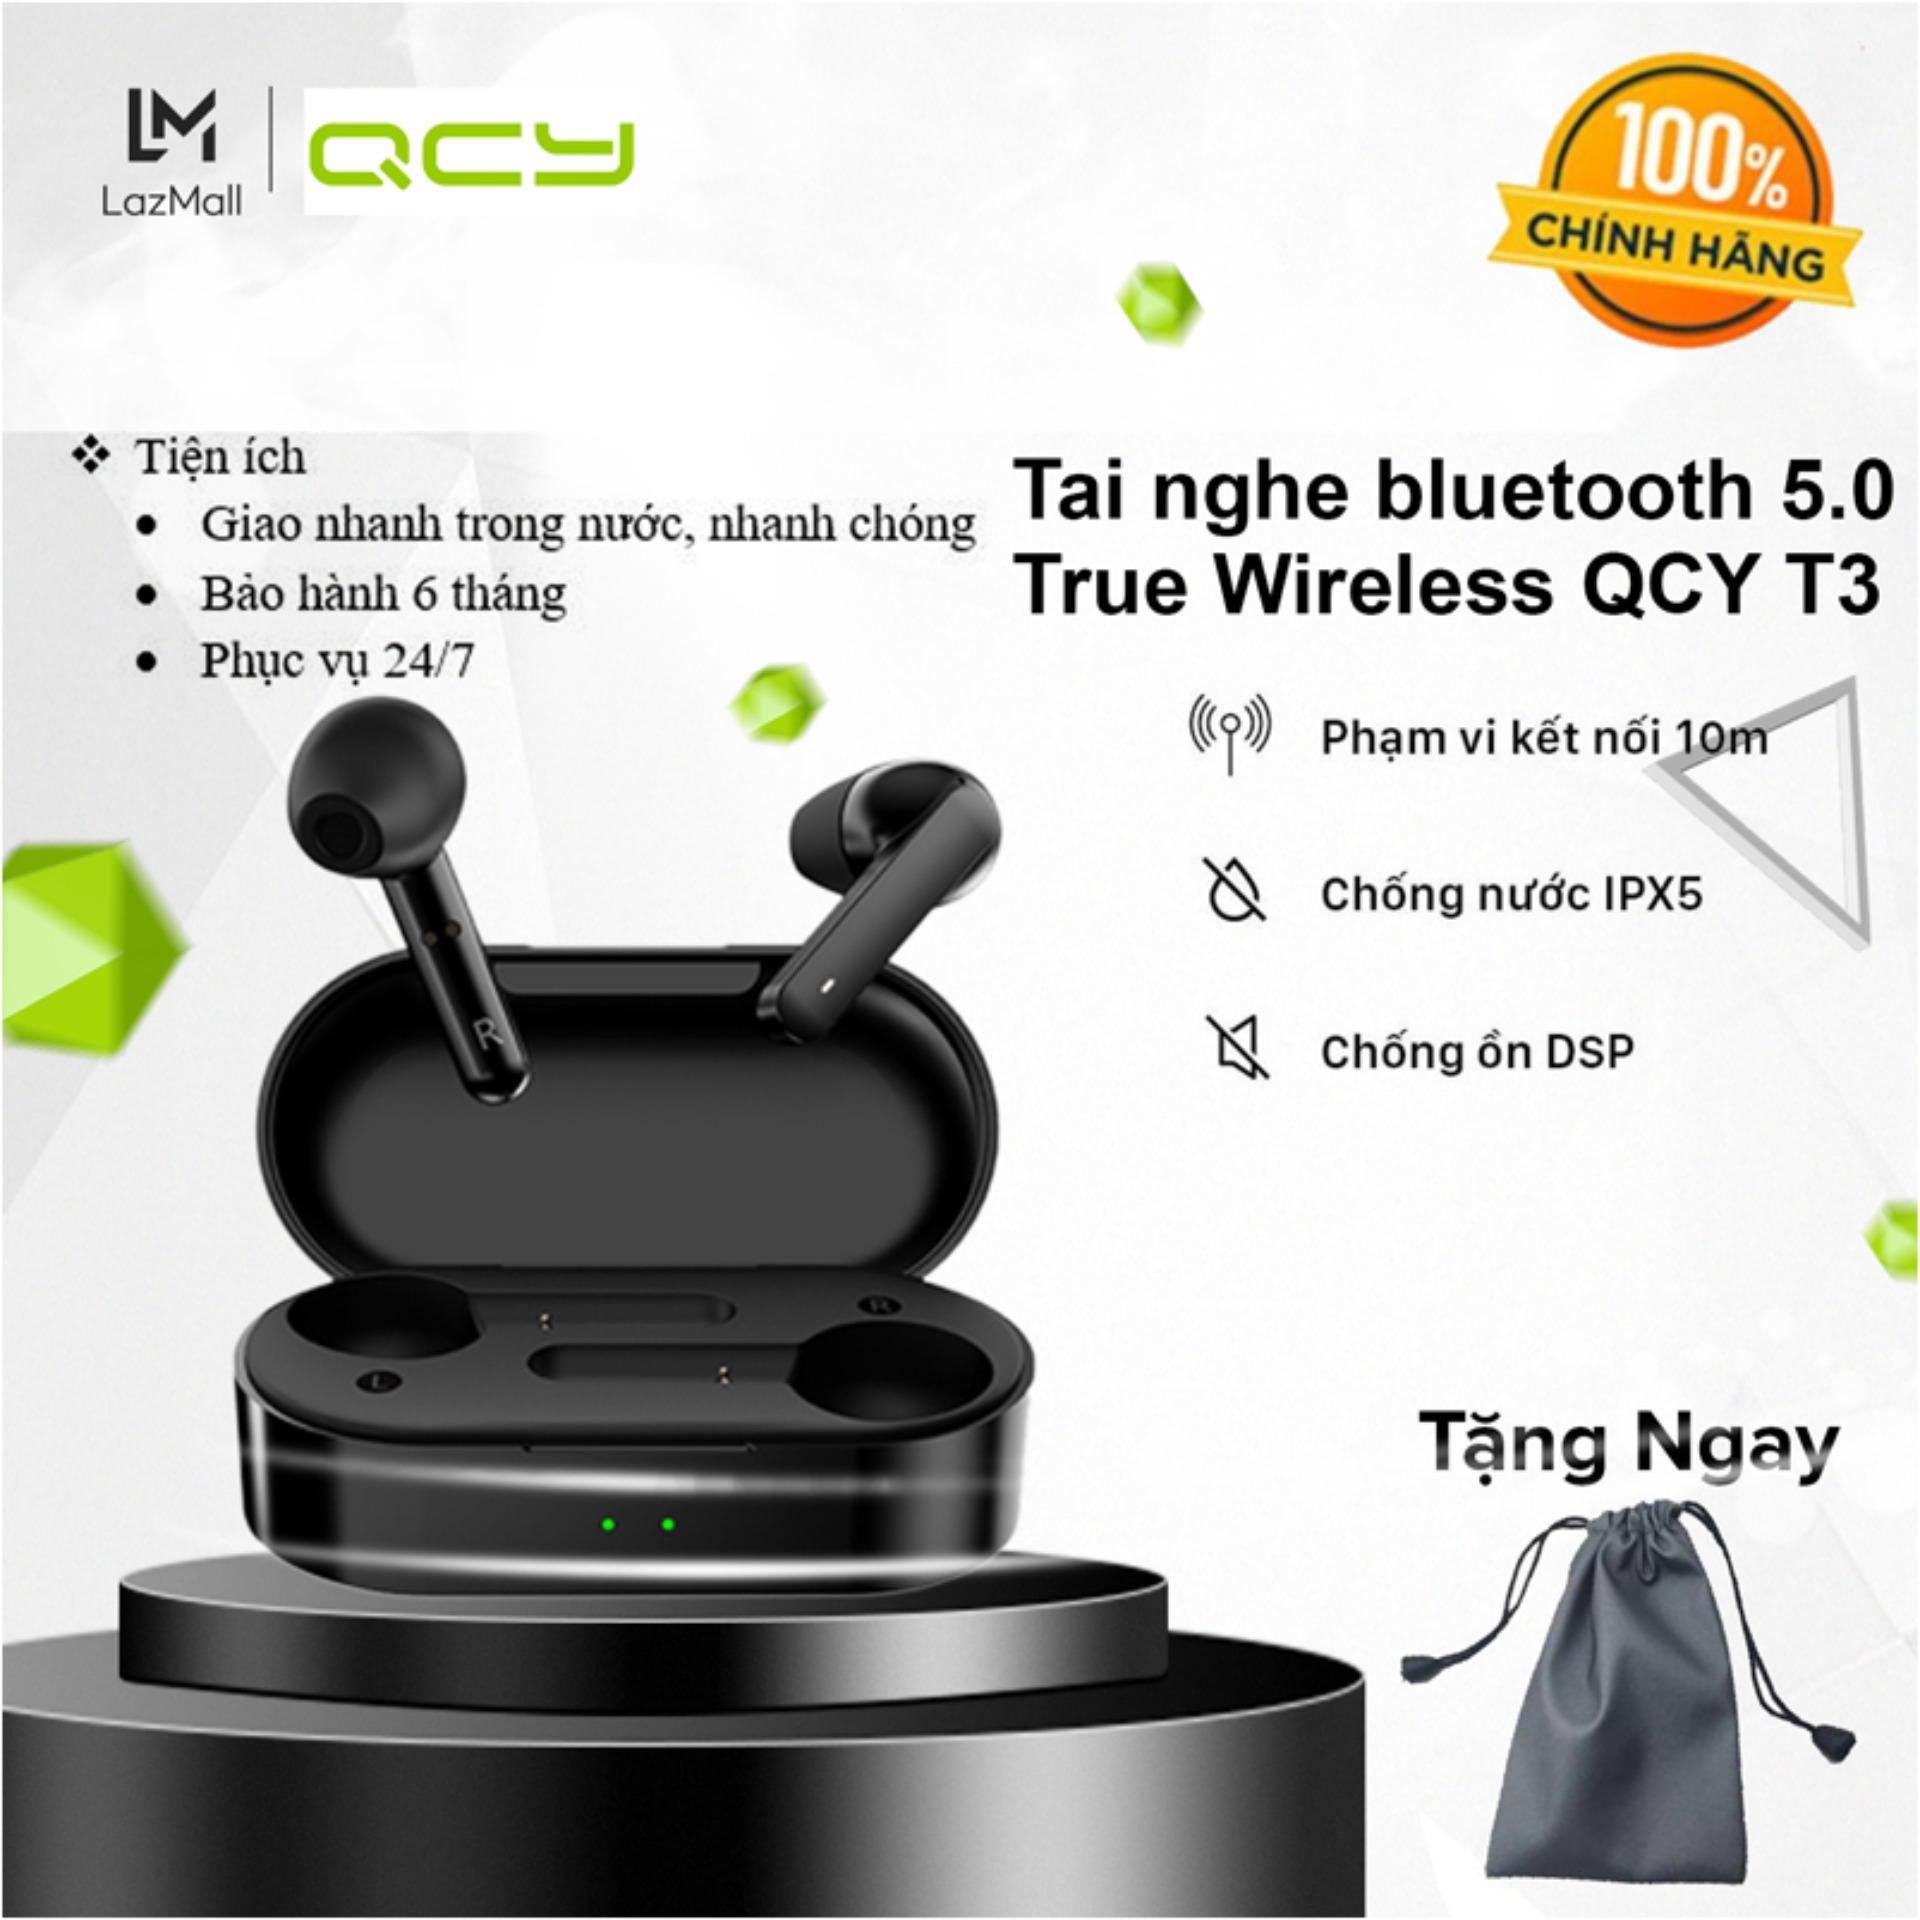 Tai Nghe Nhét Tai Bluetooth 5.0 True Wireless QCY T3 - Chống ồn DSP - IPX5 - Dock sạc 600...